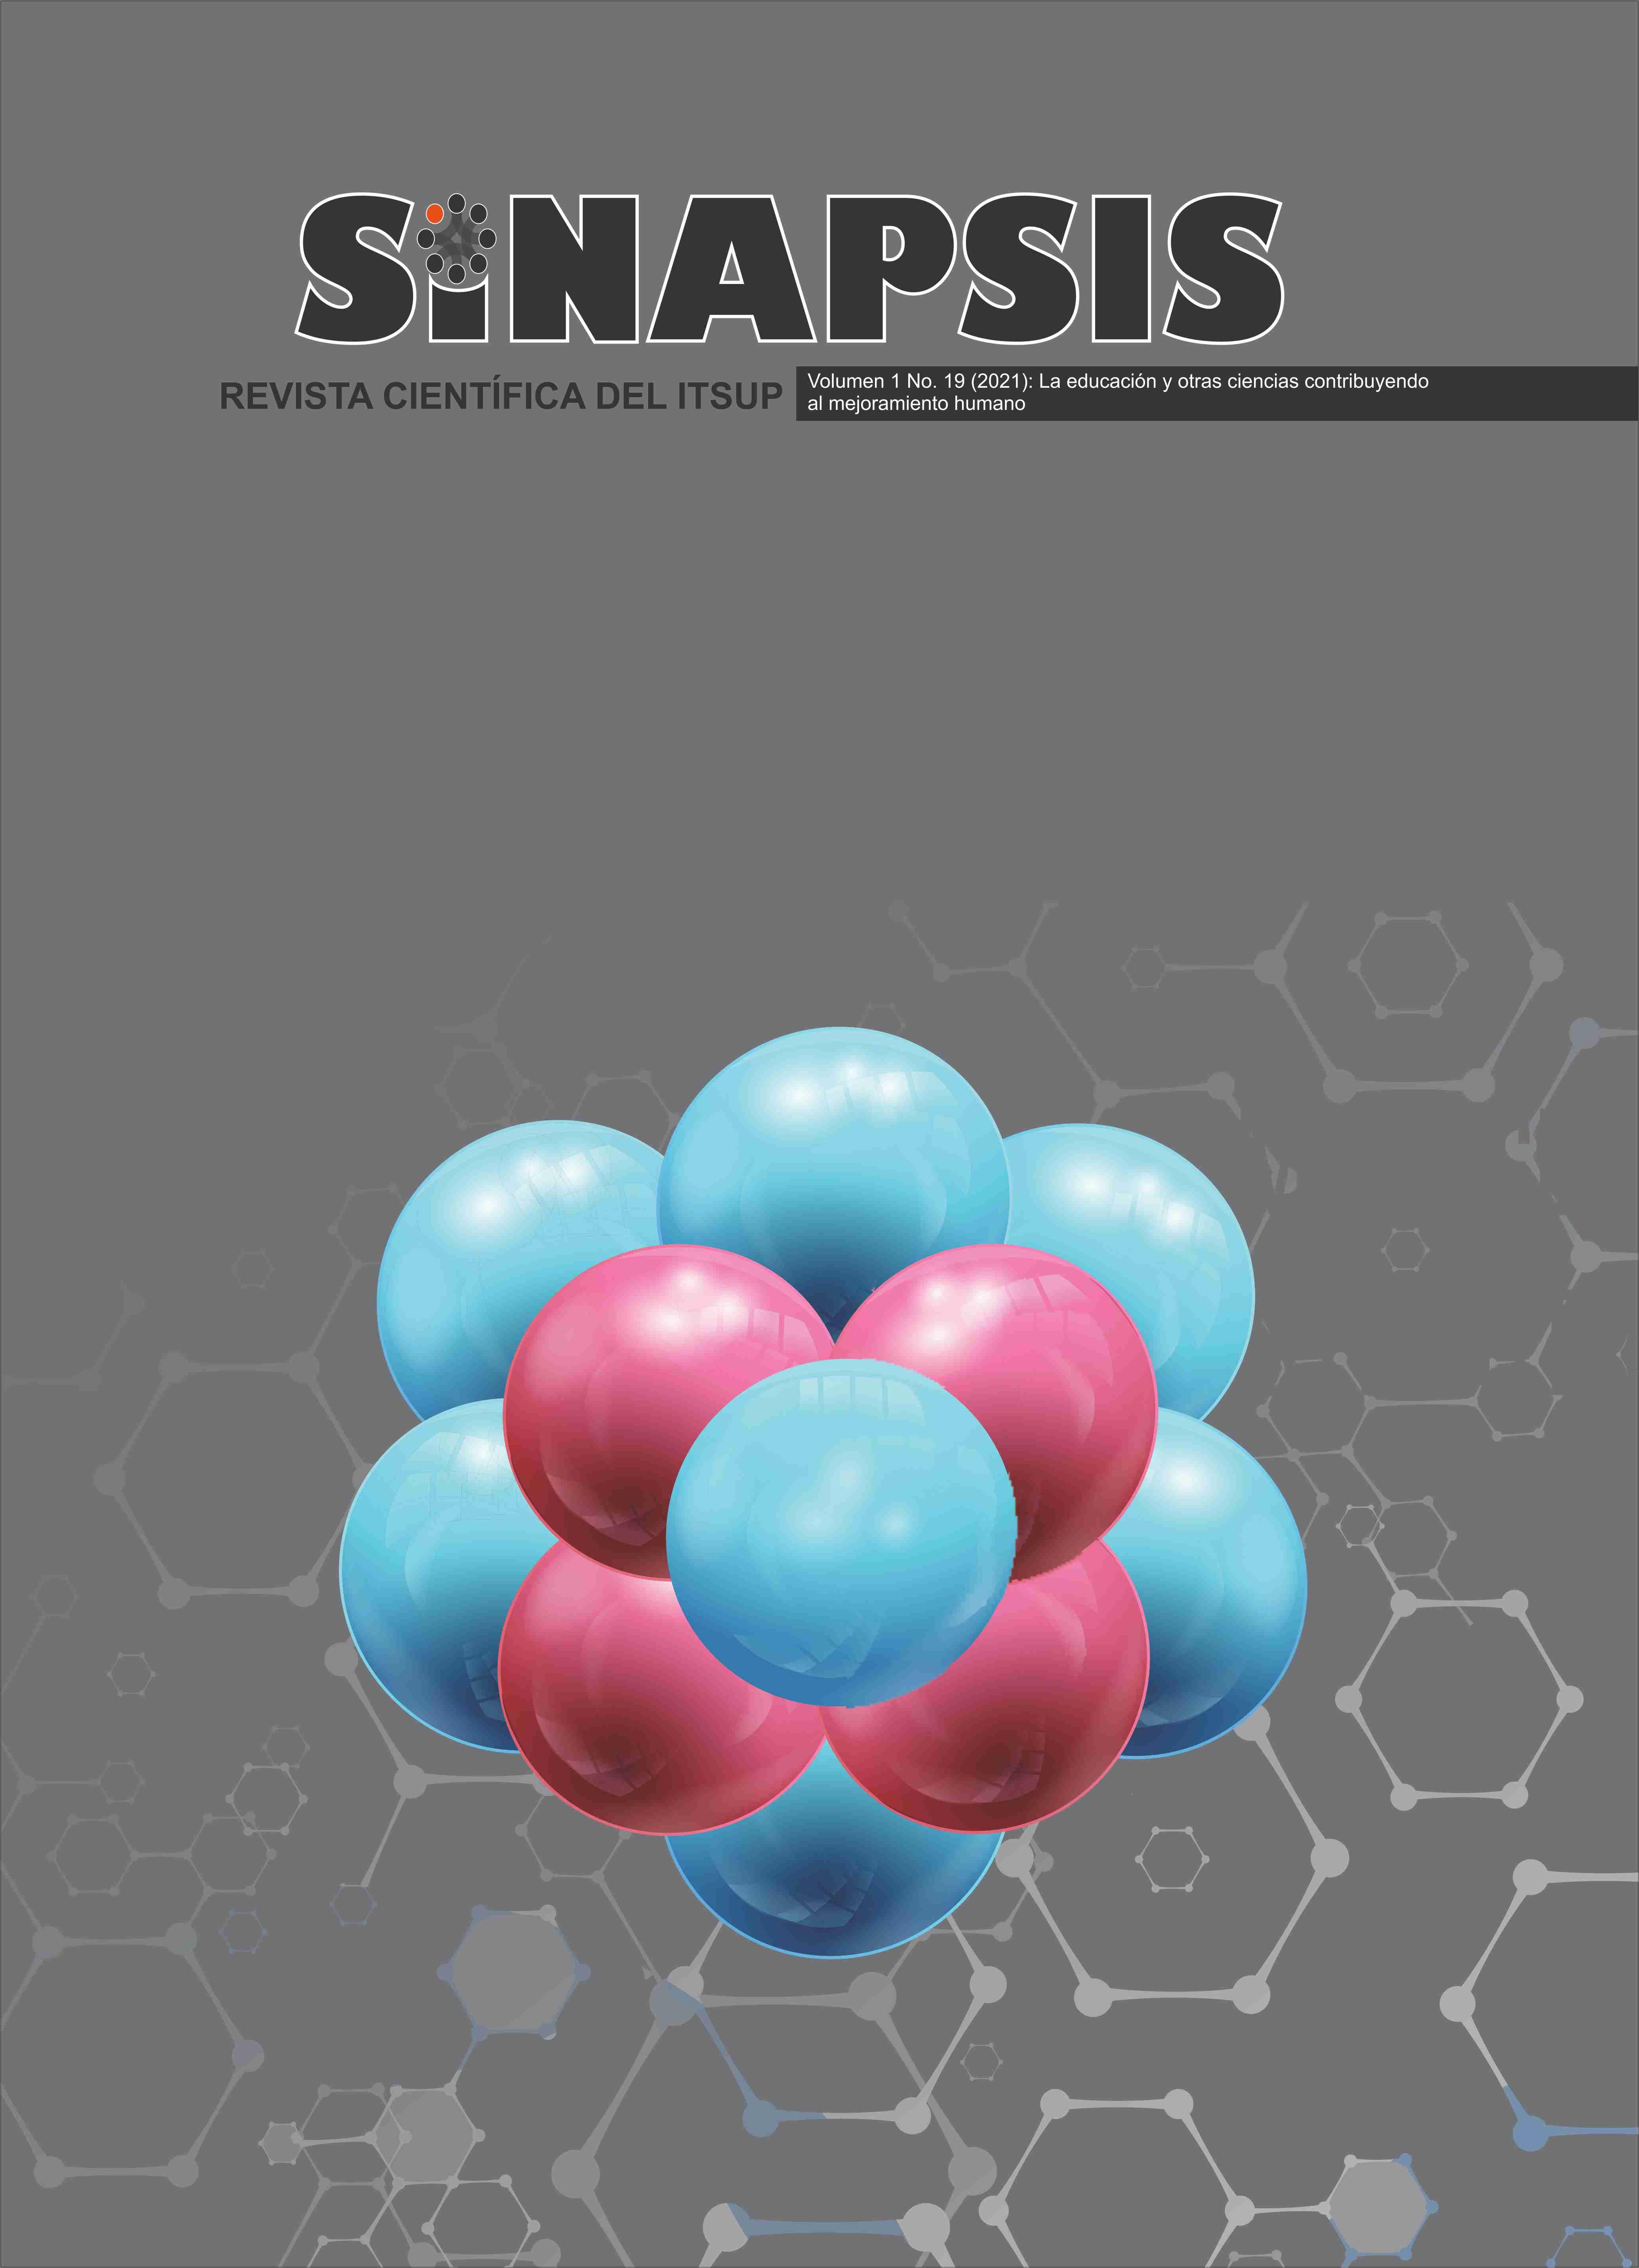 Ver Vol. 1 Núm. 19 (2021): La educación y otras ciencias contribuyendo al mejoramiento humano